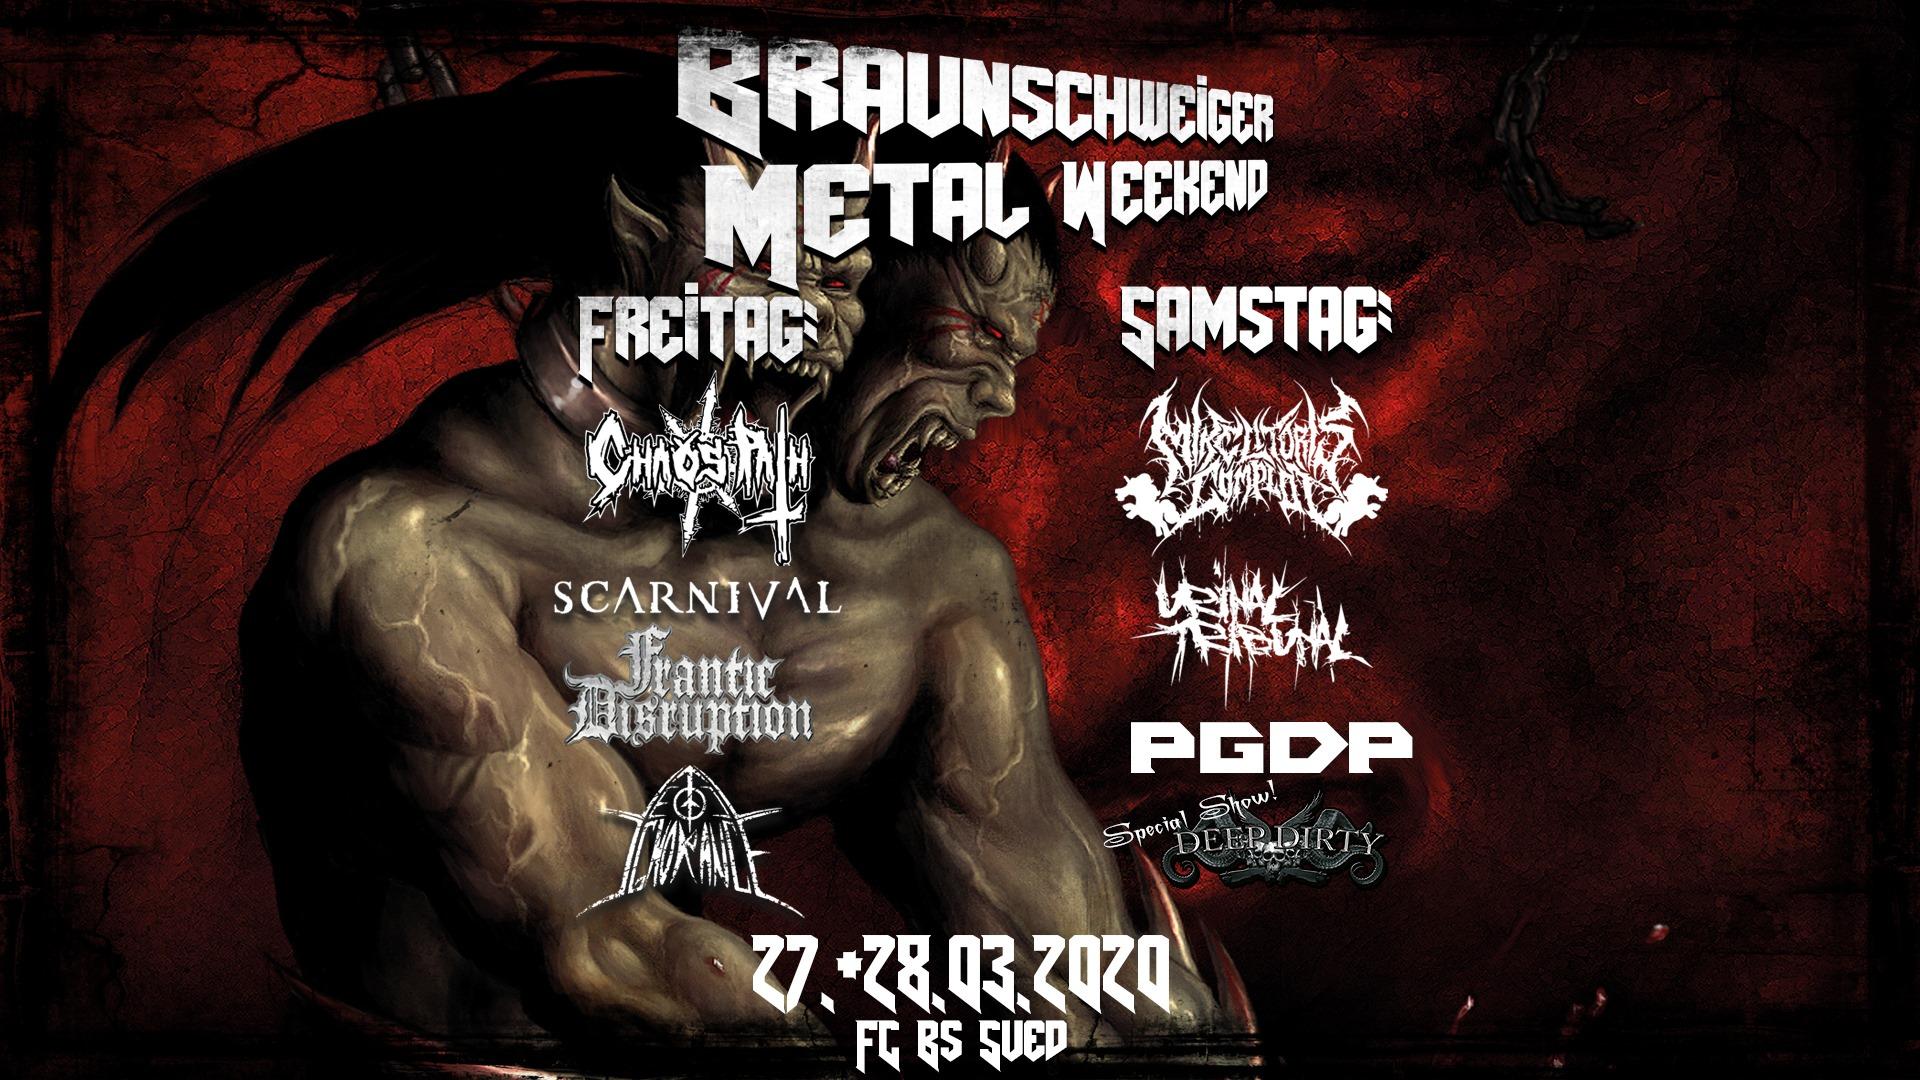 Braunschweiger Metal Weekend 6 mit u.a. Mike Litoris Complot, Urinal Tribunal, PGDP, Deep Dirty